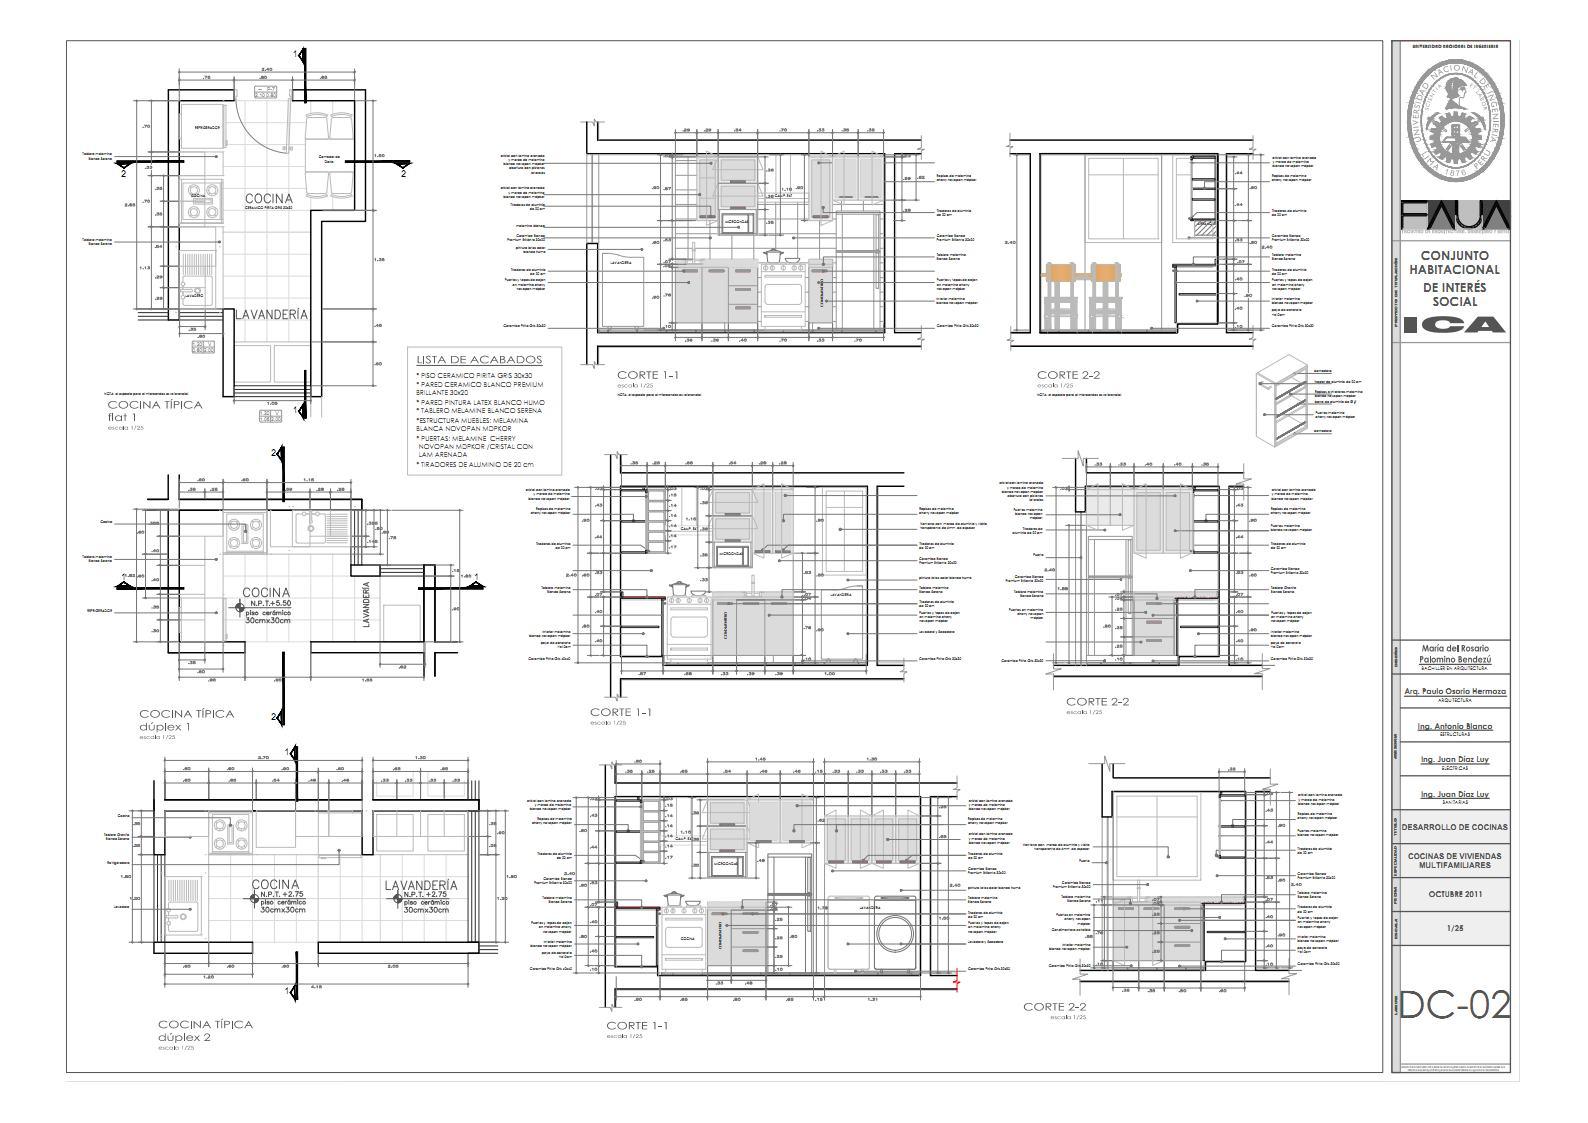 Conjunto habitacional de interés social en Ica: DC 1 - DC ...